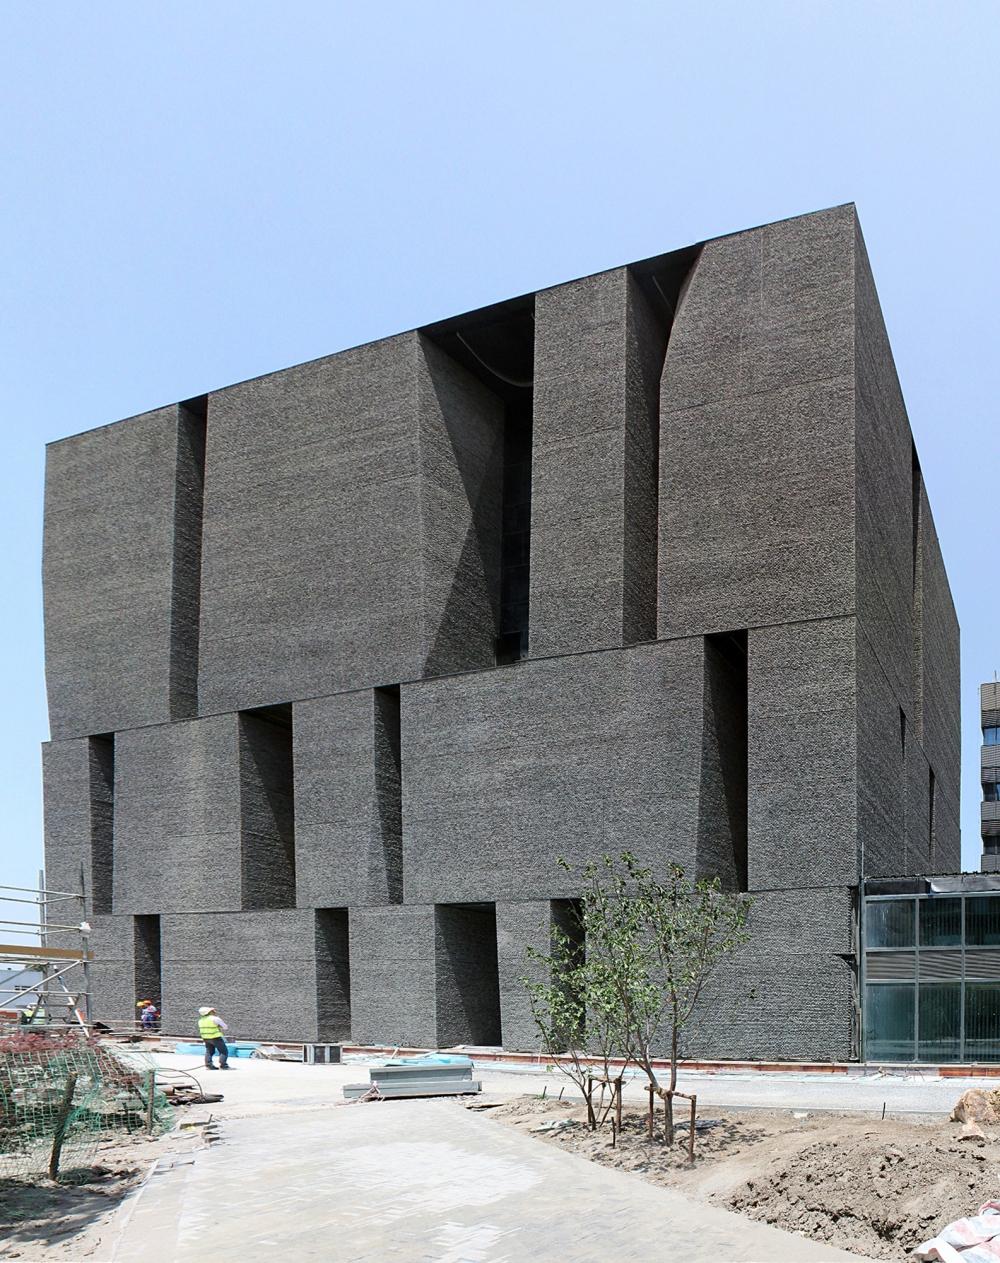 Alejandro-Aravena-Novartis-Campus-Shanghai-Office-Building-01